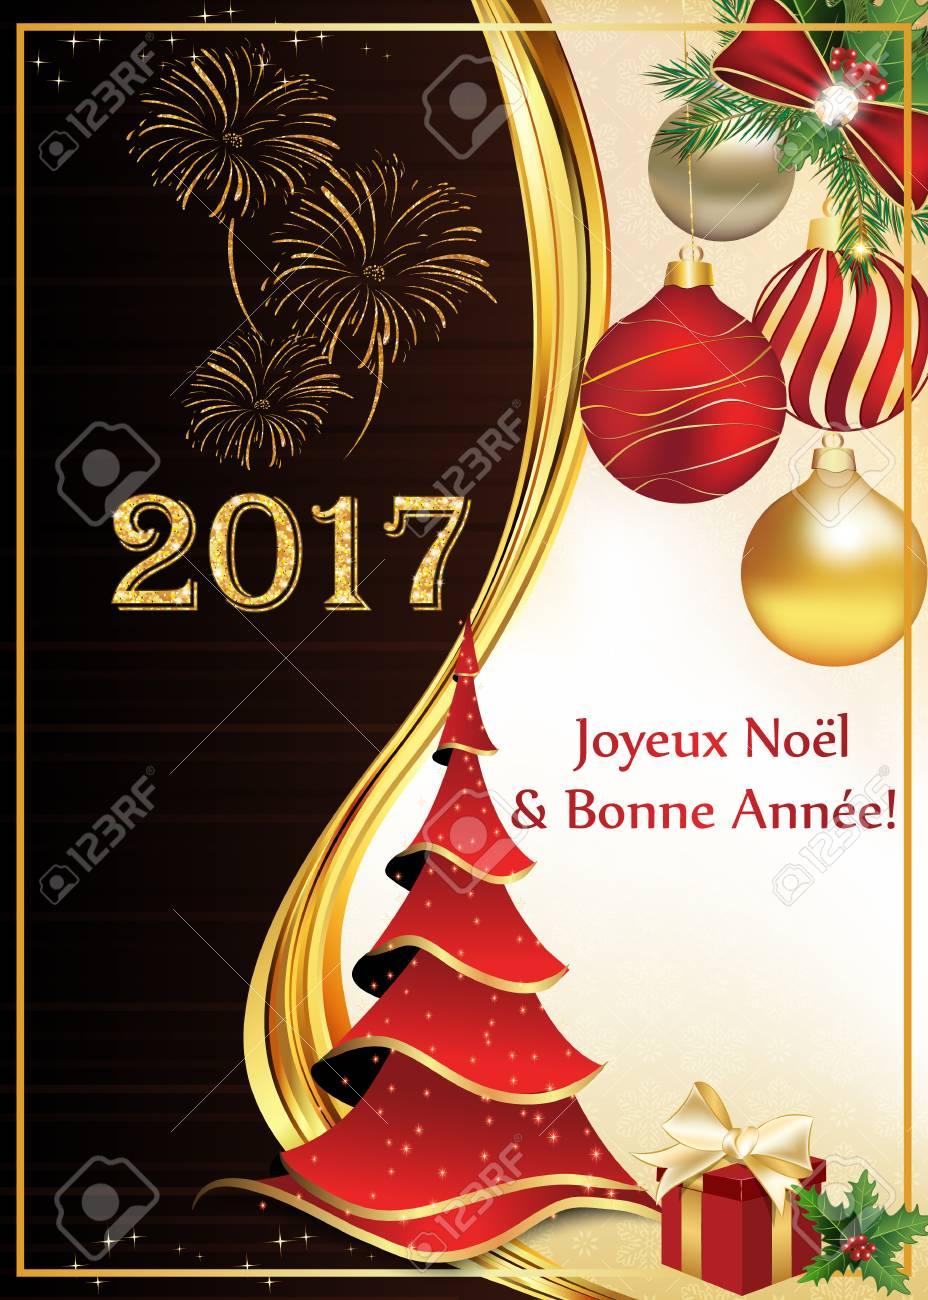 Weihnachten Wunsch.Stock Photo